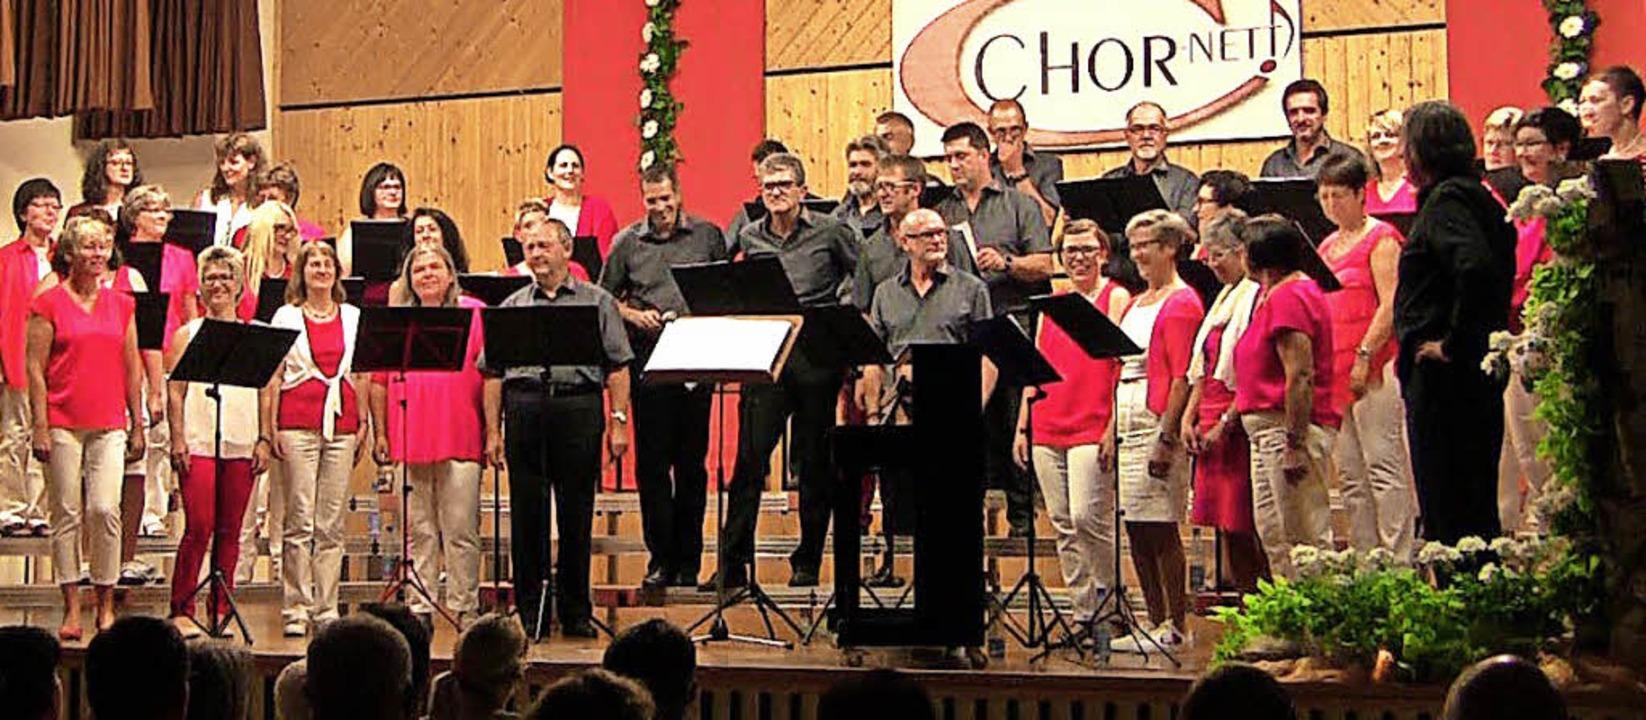 Begeistert war das Publikum vom Auftritt von Chor-nett.  | Foto: Privat